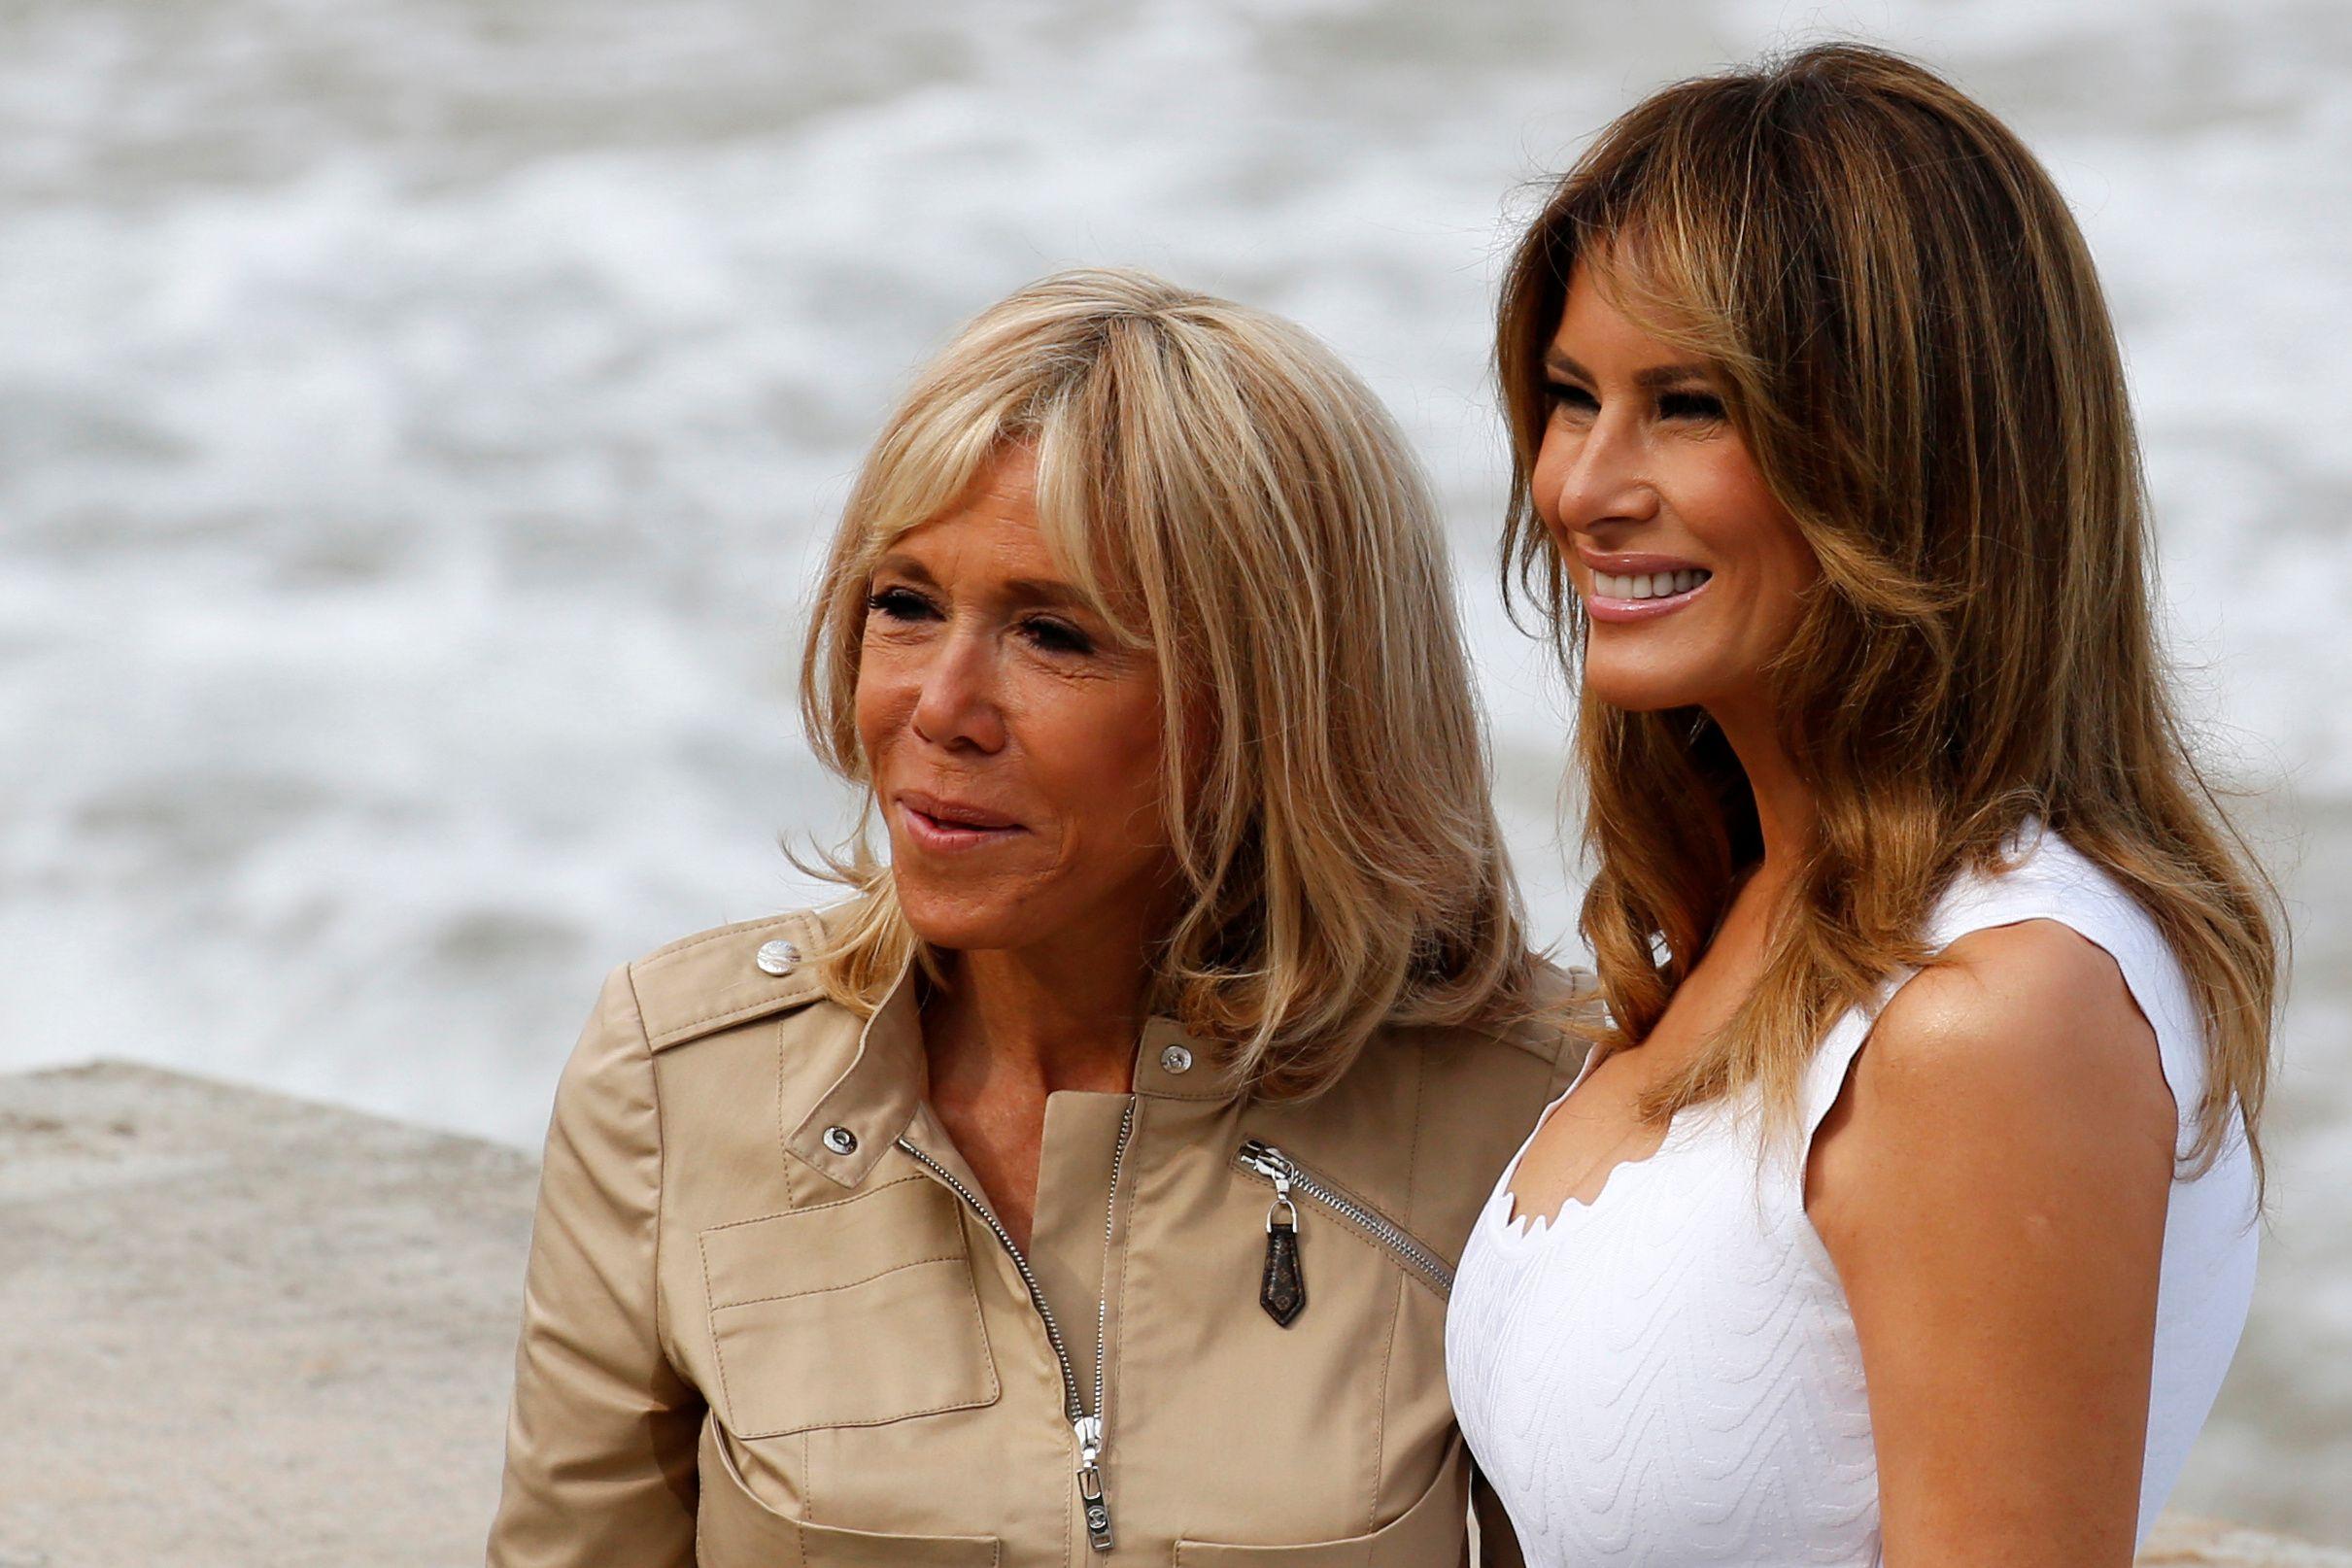 Prve dame Melania Trump i Brigitte Macron zablistale u ultravisokim potpeticama i chic haljinama